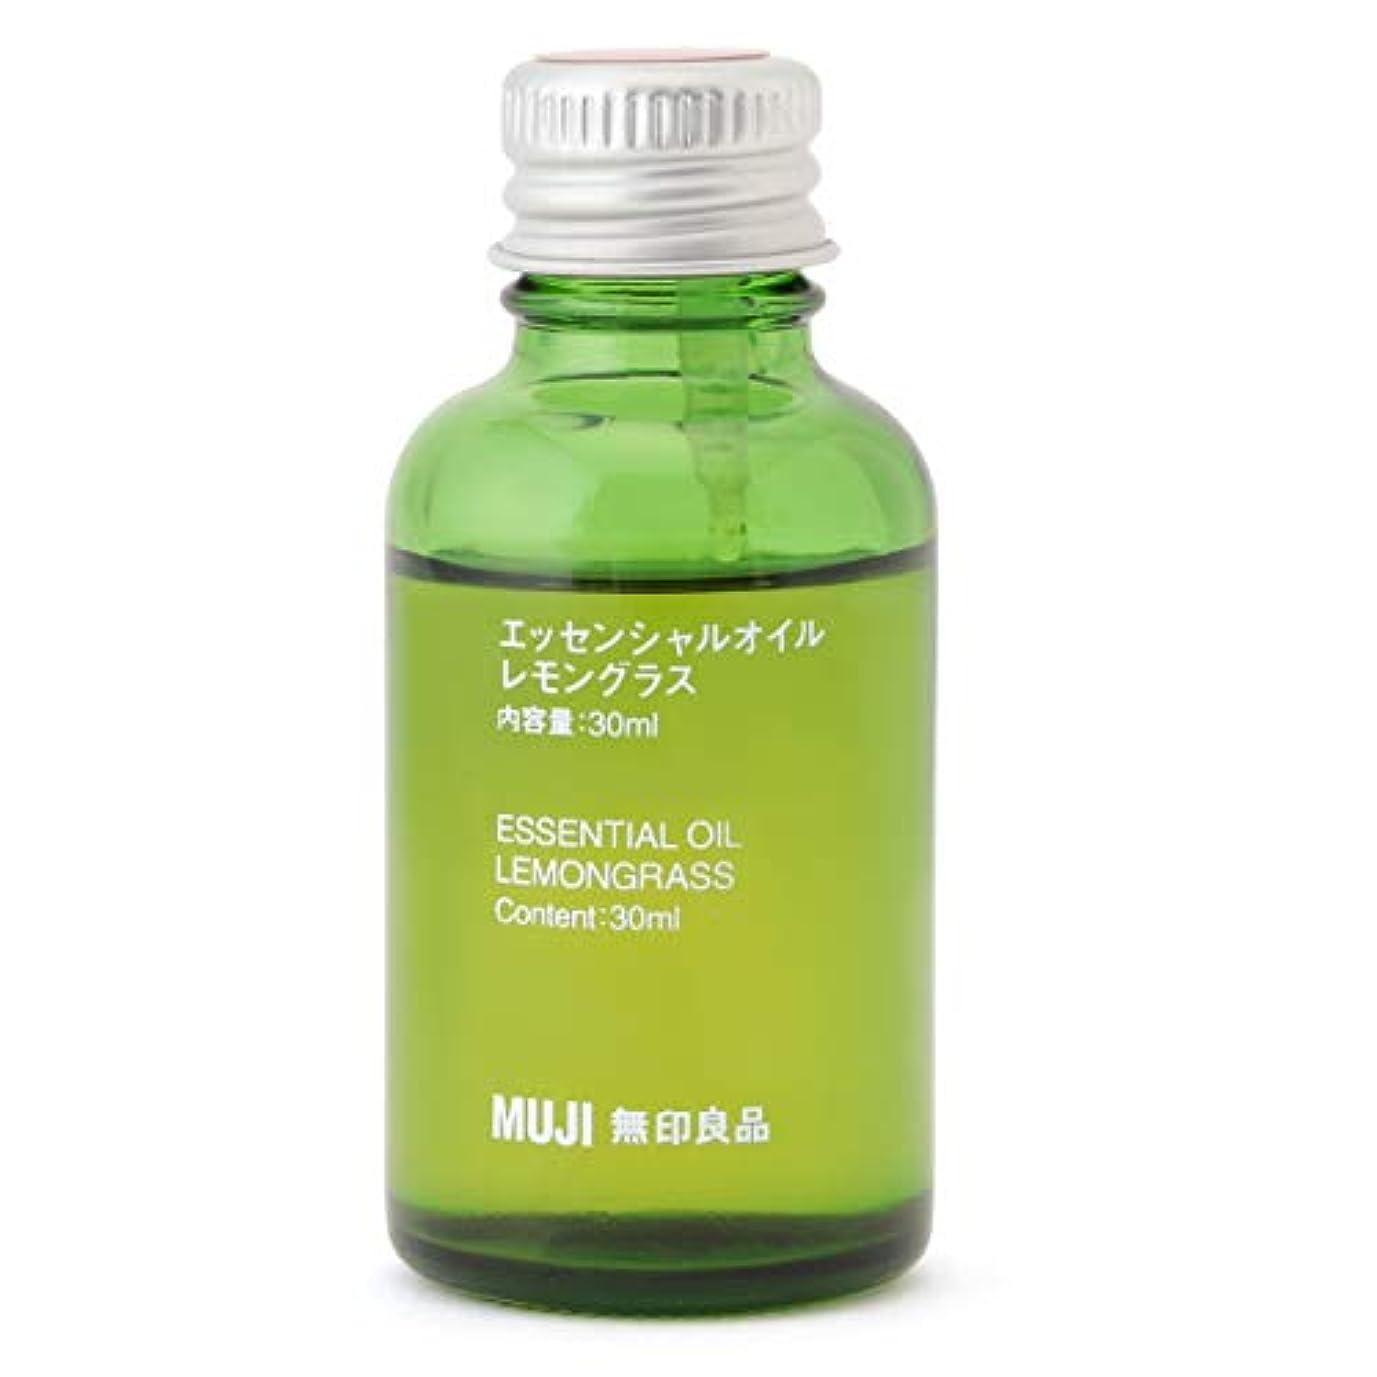 場合密接に法的【無印良品】エッセンシャルオイル30ml(レモングラス)